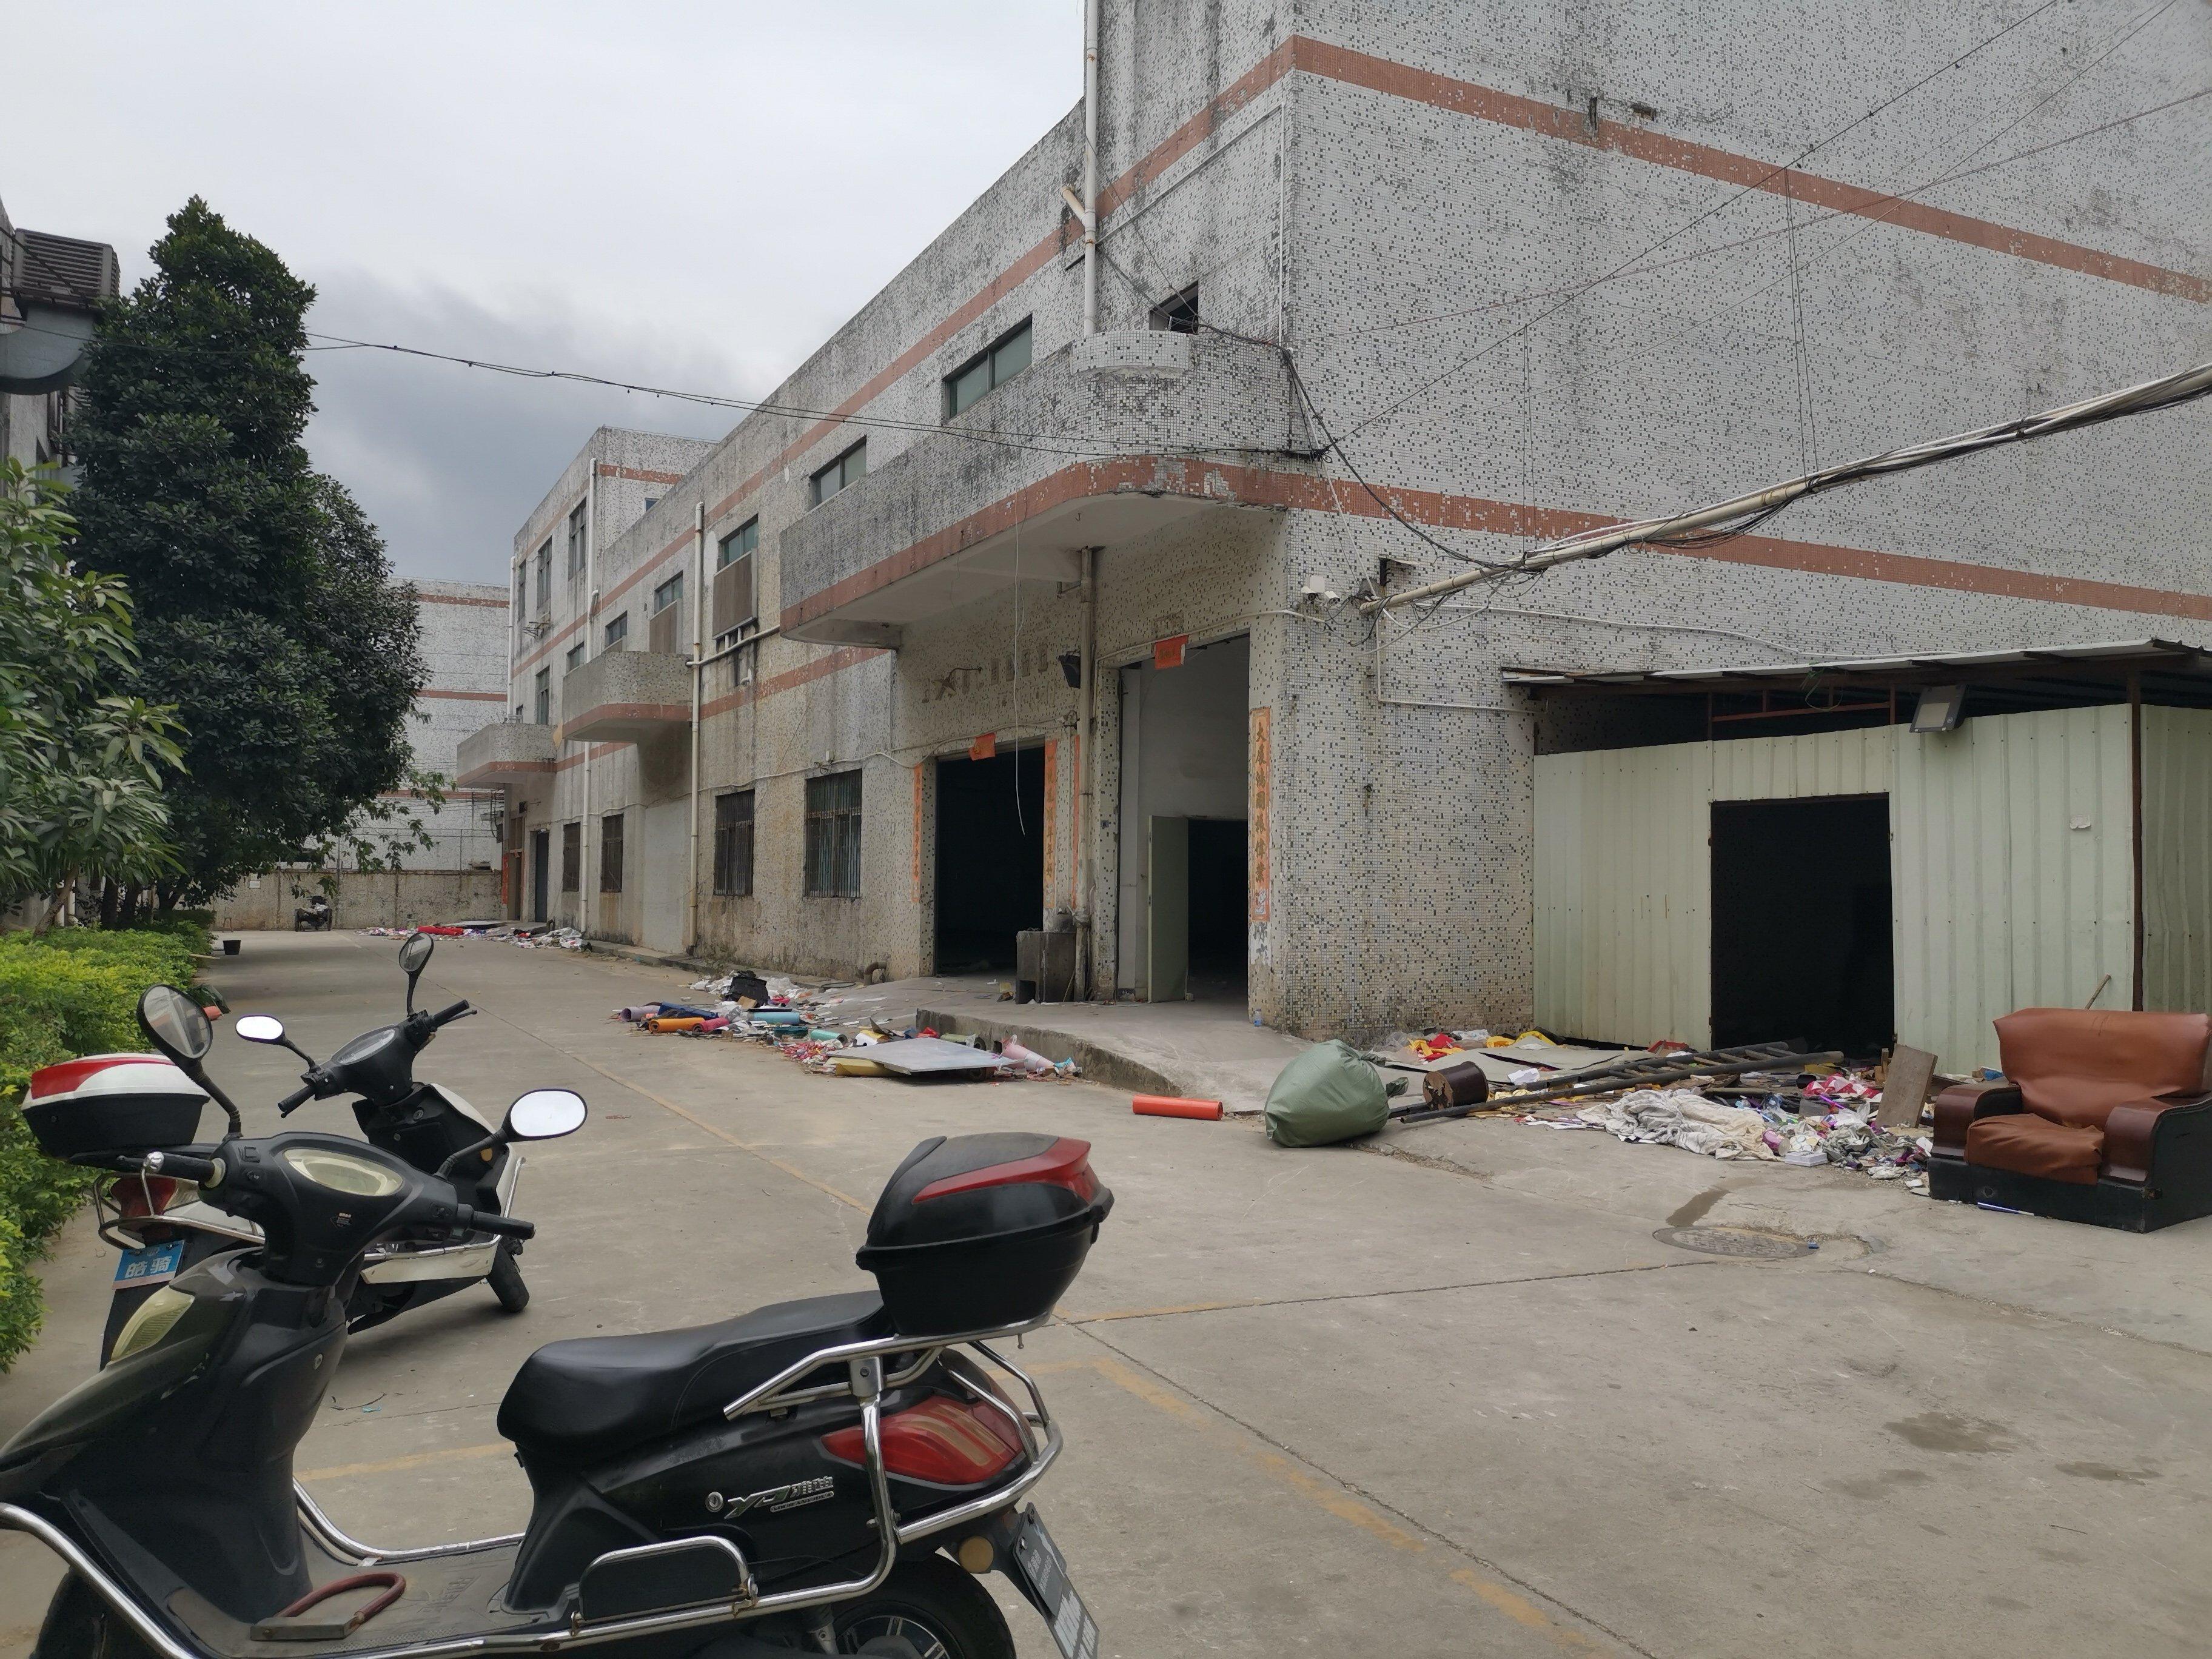 松岗燕川广田路附近原房东独院两层半3000平方花园式独院出租